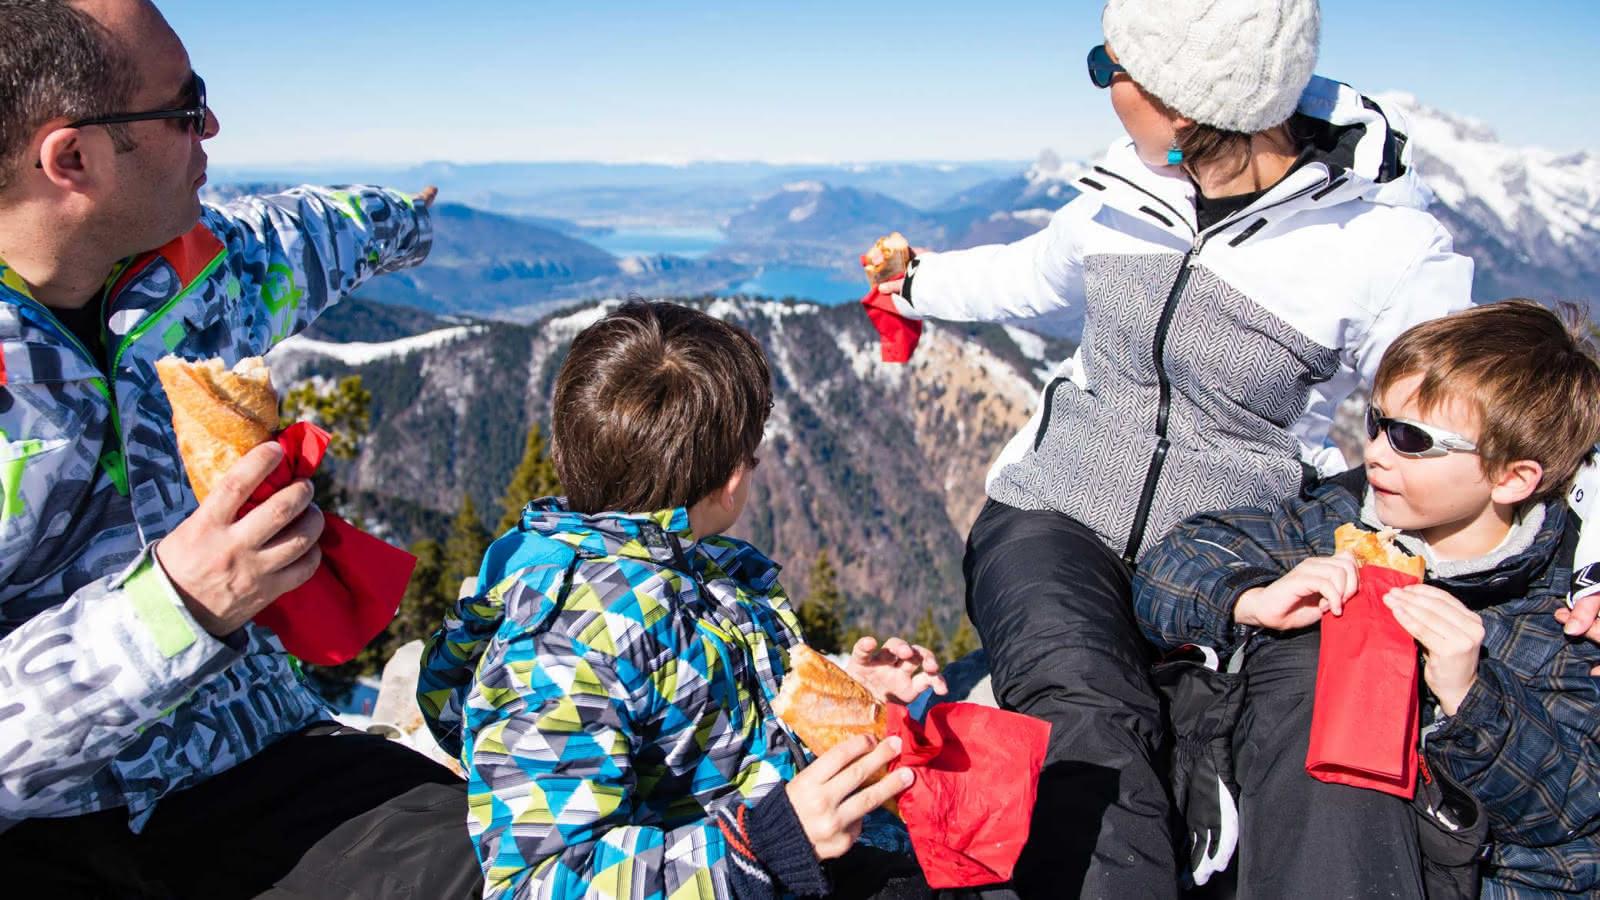 Vue lac Annecy pique nique en famille